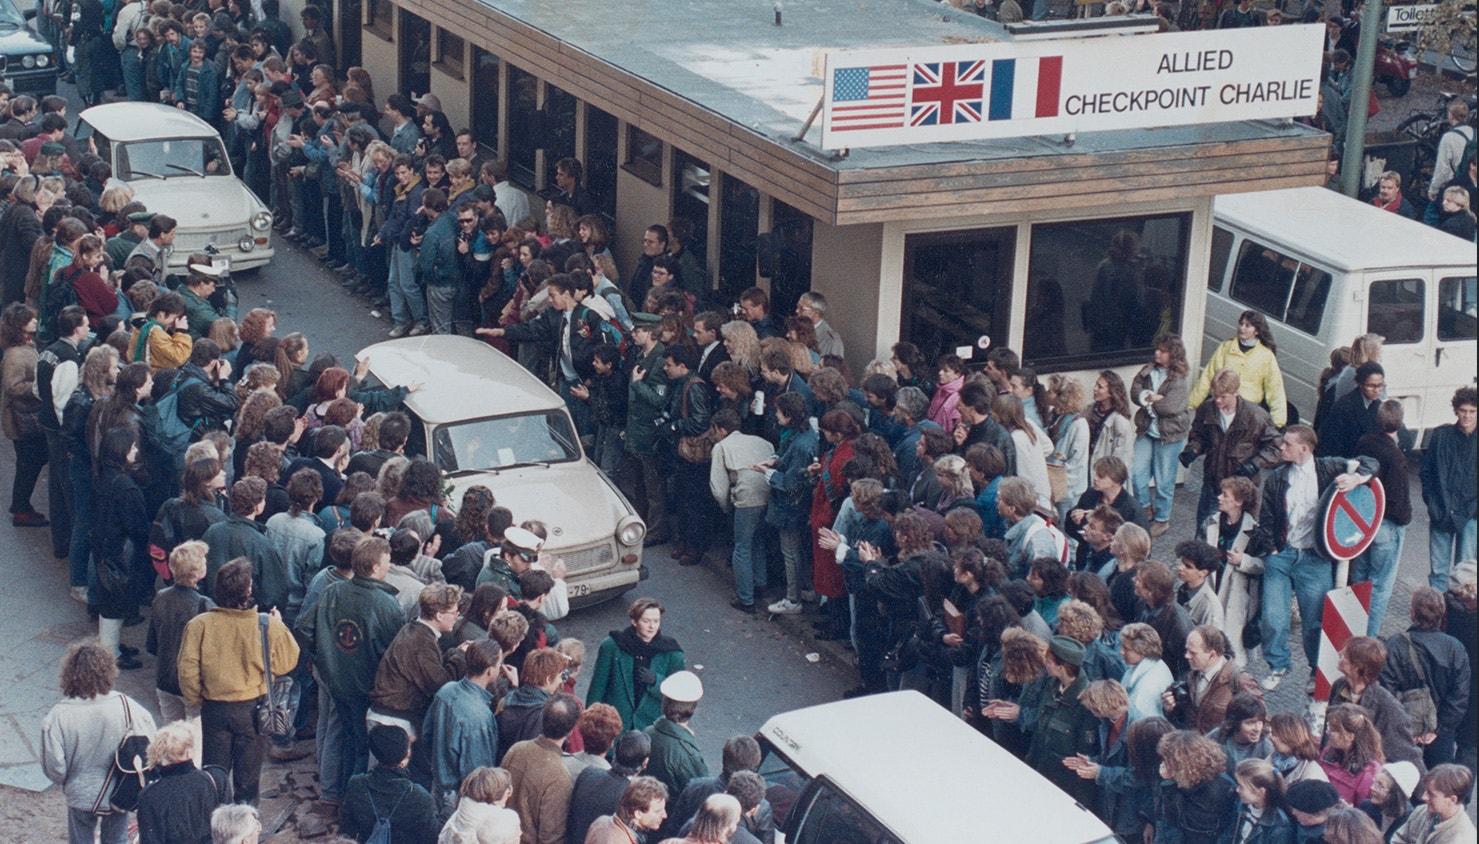 Os alemães ocidentais aplaudem quando os cidadãos de Berlim Oriental atravessam o Check point Charlie. 10 de novembro de 1989 | David Brauchli - Reuters